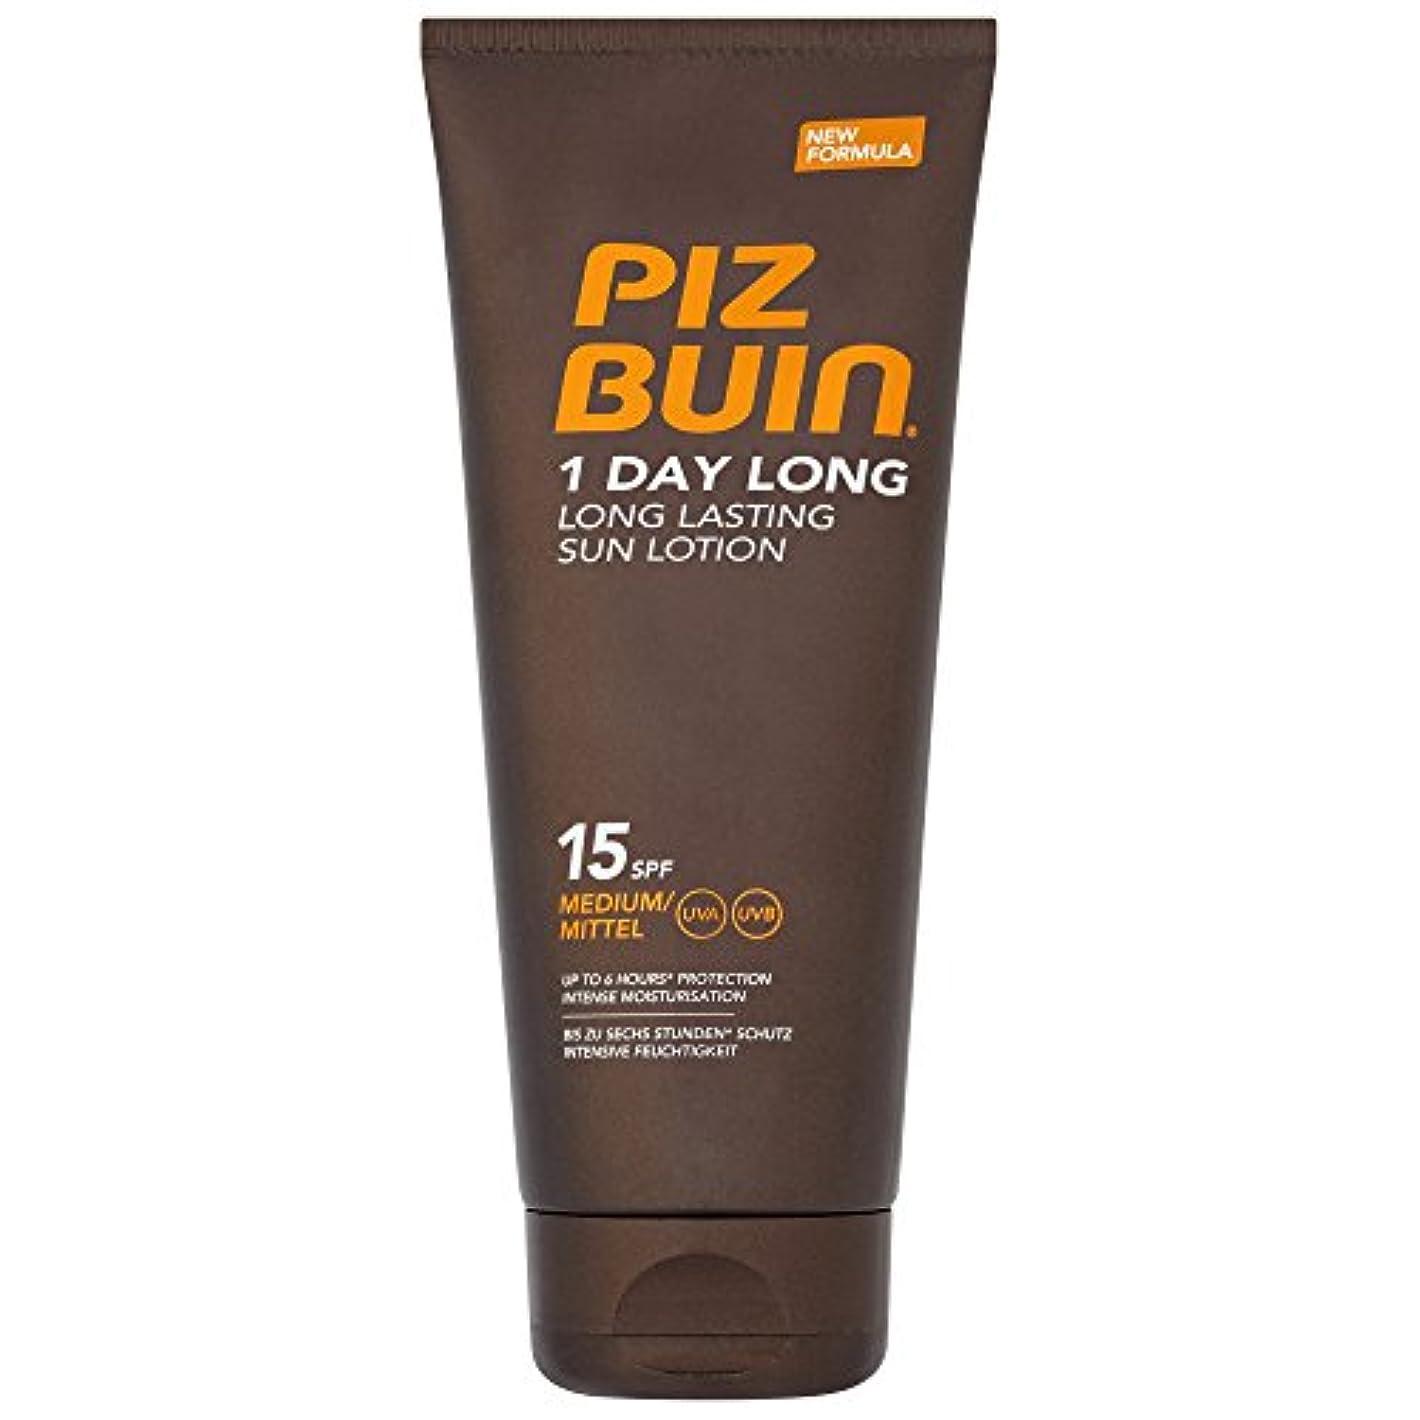 記念品ファンネルウェブスパイダーデータPiz Buin 1 Day Long SPF15 Sun Lotion 200ml - ピッツブーインの1日長い15の日焼けローション200 [並行輸入品]